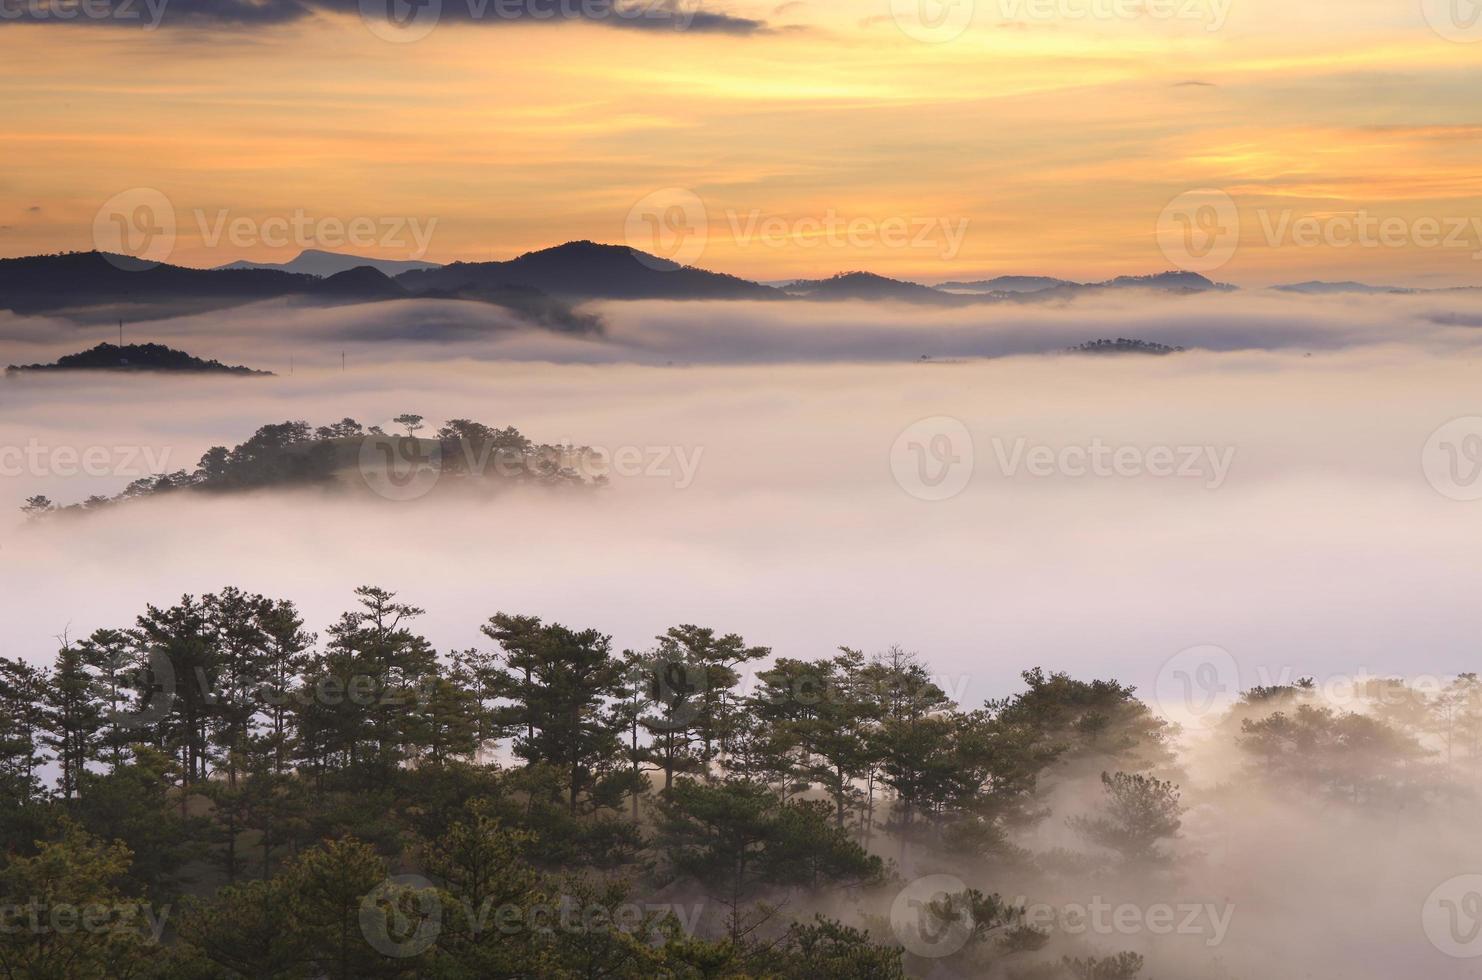 berg, dimma och solljus vid gryningen foto